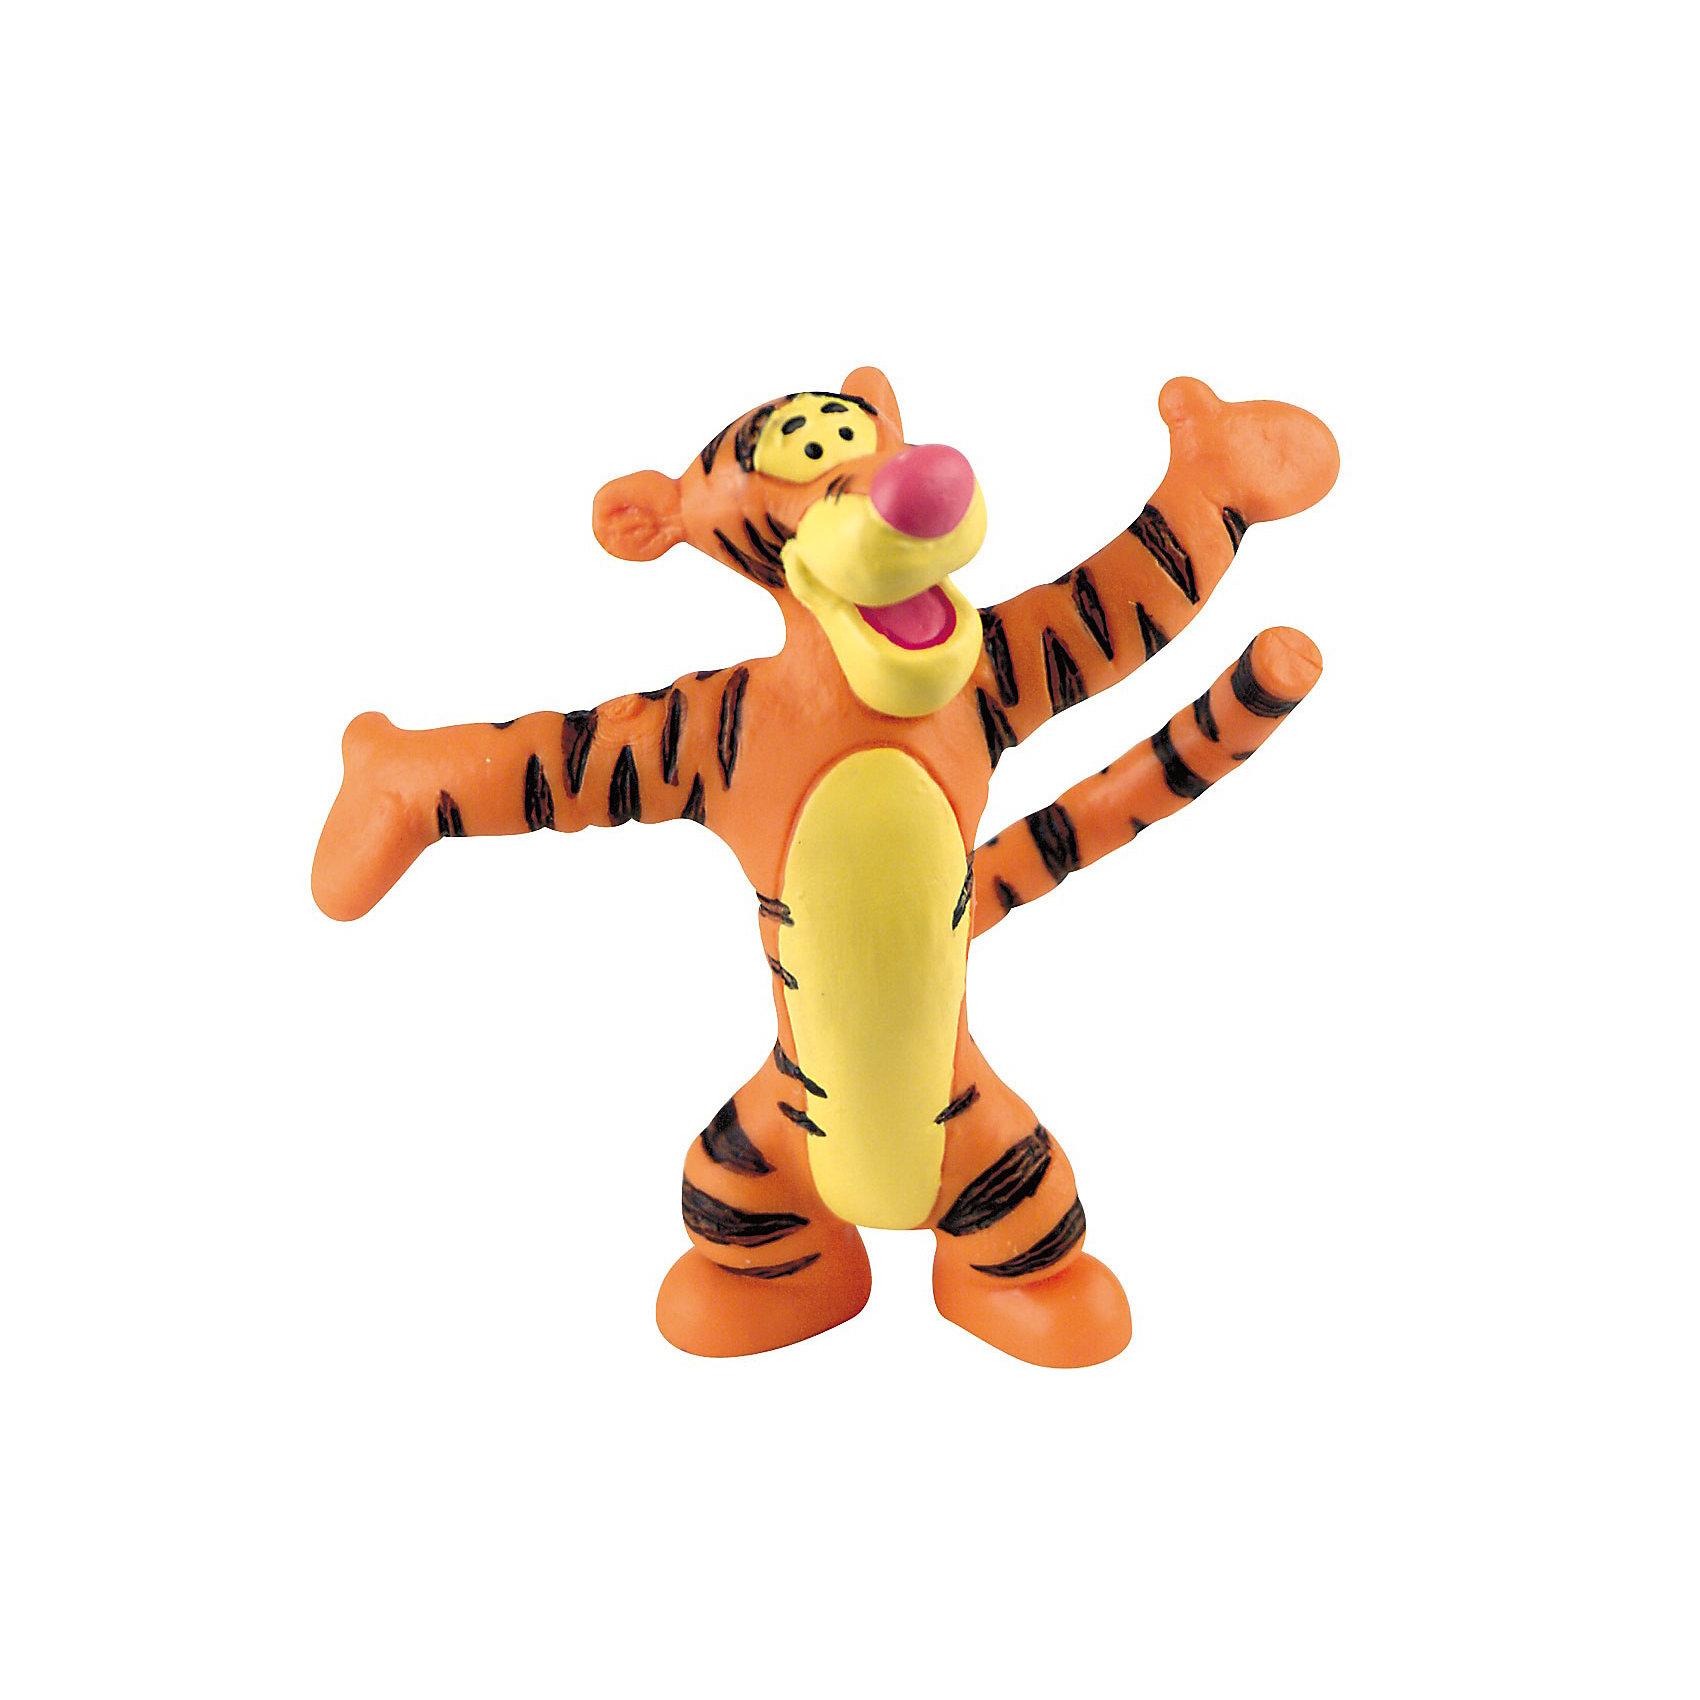 Фигурка Тигруля,  Винни ПухФигурка Тигрули из мультфильма студии Уолта Диснея «Винни-Пух и все, все, все». Замечательный Тигруля очень веселый и находчивый. Он старается никогда не унывать и в любой ситуации видит что-то хорошее. Тигруля очень любит сладкий и душистый Солодовый Экстракт. Кенгуренок Ру - лучший друг Тигрули, они проводят много времени вместе, играя и помогая друг другу. Фигурка персонажа выражает открытую натуру и добрый нрав нашего героя, любящего свой лес и всех, всех, всех в нем.<br>Игрушка выполнена из высококачественных, нетоксичных материалов и безопасна для детей. <br><br>Дополнительная информация:<br><br>Размер:6,5 см <br>Материал: термопластичный каучук высокого качества. <br> <br>Фигурку Тигруля,  Disney можно купить в нашем магазине.<br><br>Ширина мм: 80<br>Глубина мм: 20<br>Высота мм: 80<br>Вес г: 18<br>Возраст от месяцев: 36<br>Возраст до месяцев: 1164<br>Пол: Мужской<br>Возраст: Детский<br>SKU: 1772221